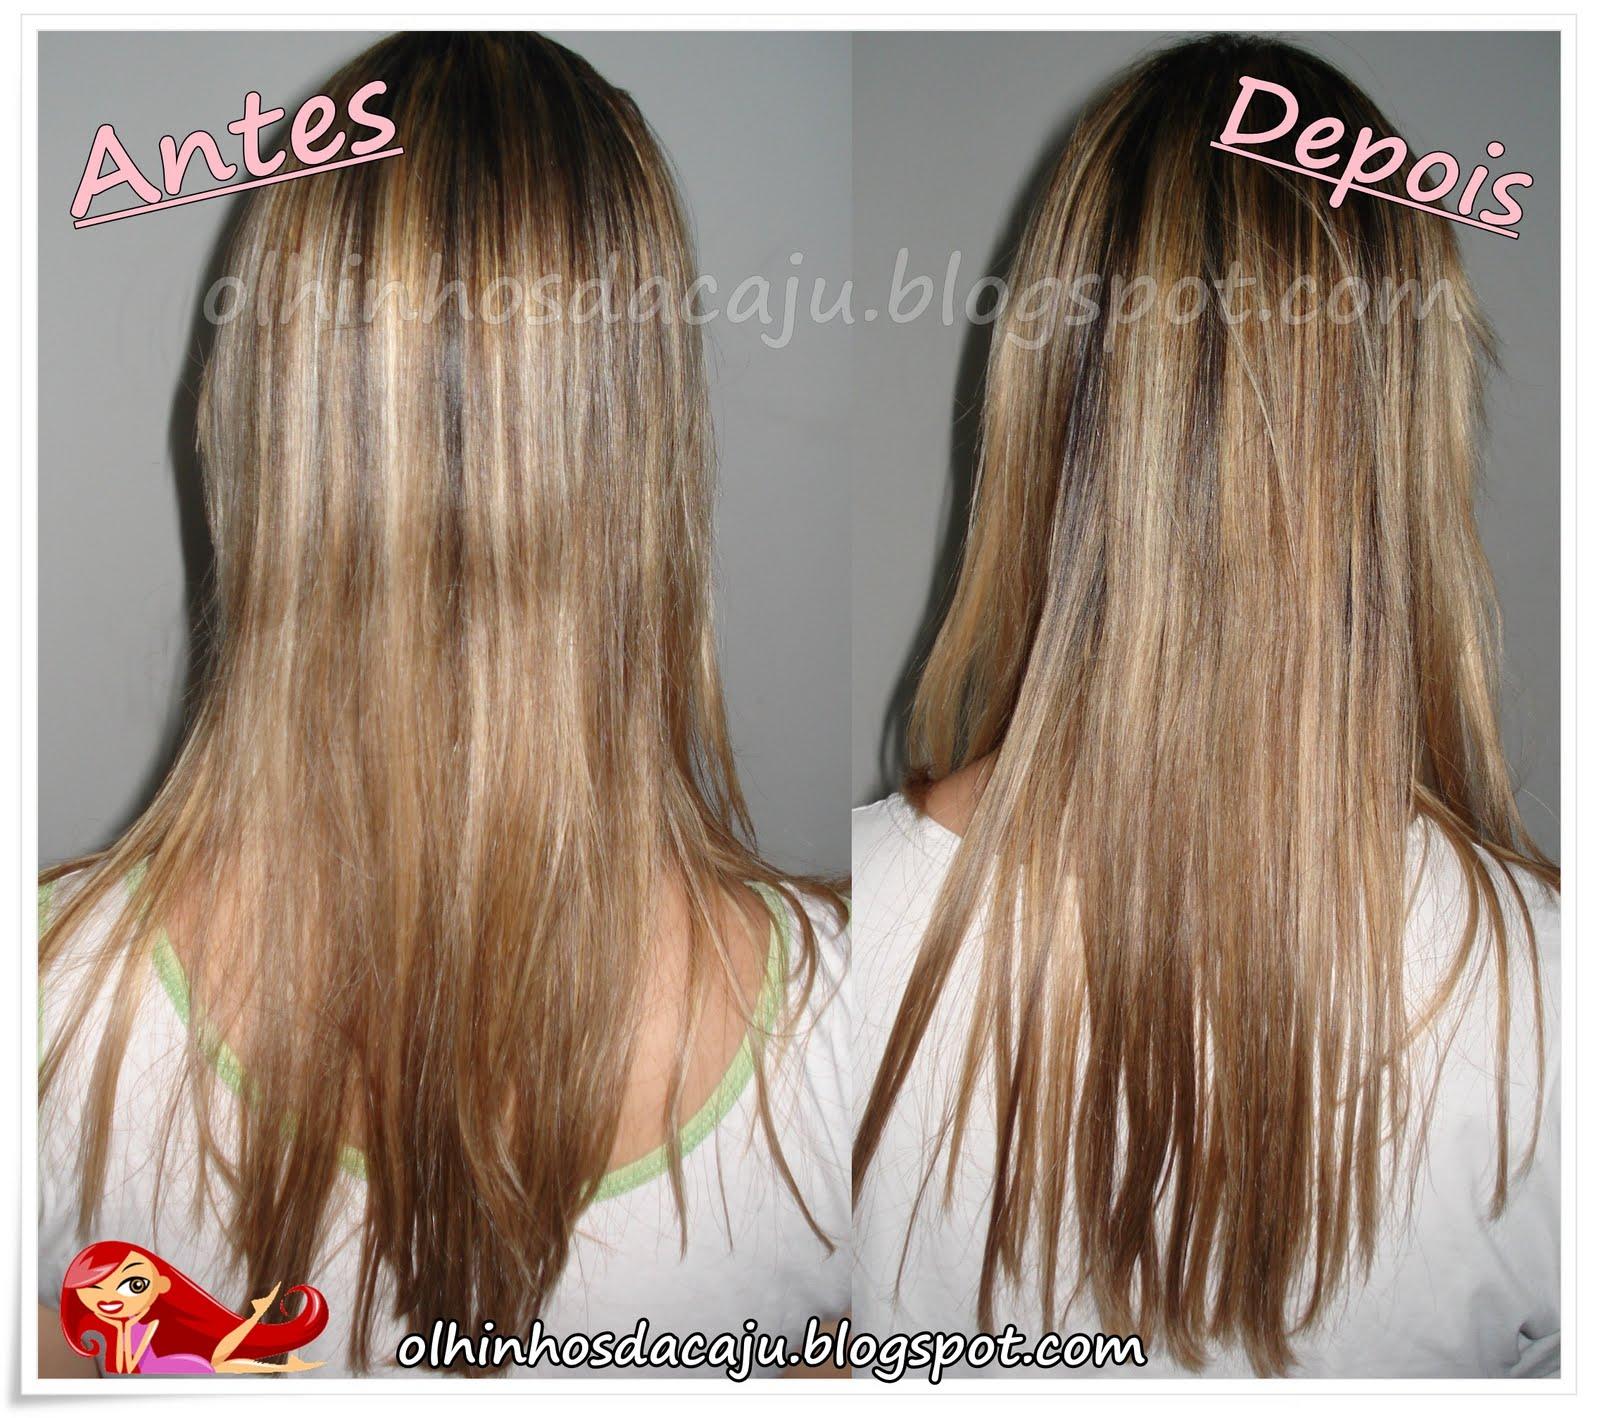 O que aconselhará em uma perda do cabelo em homens